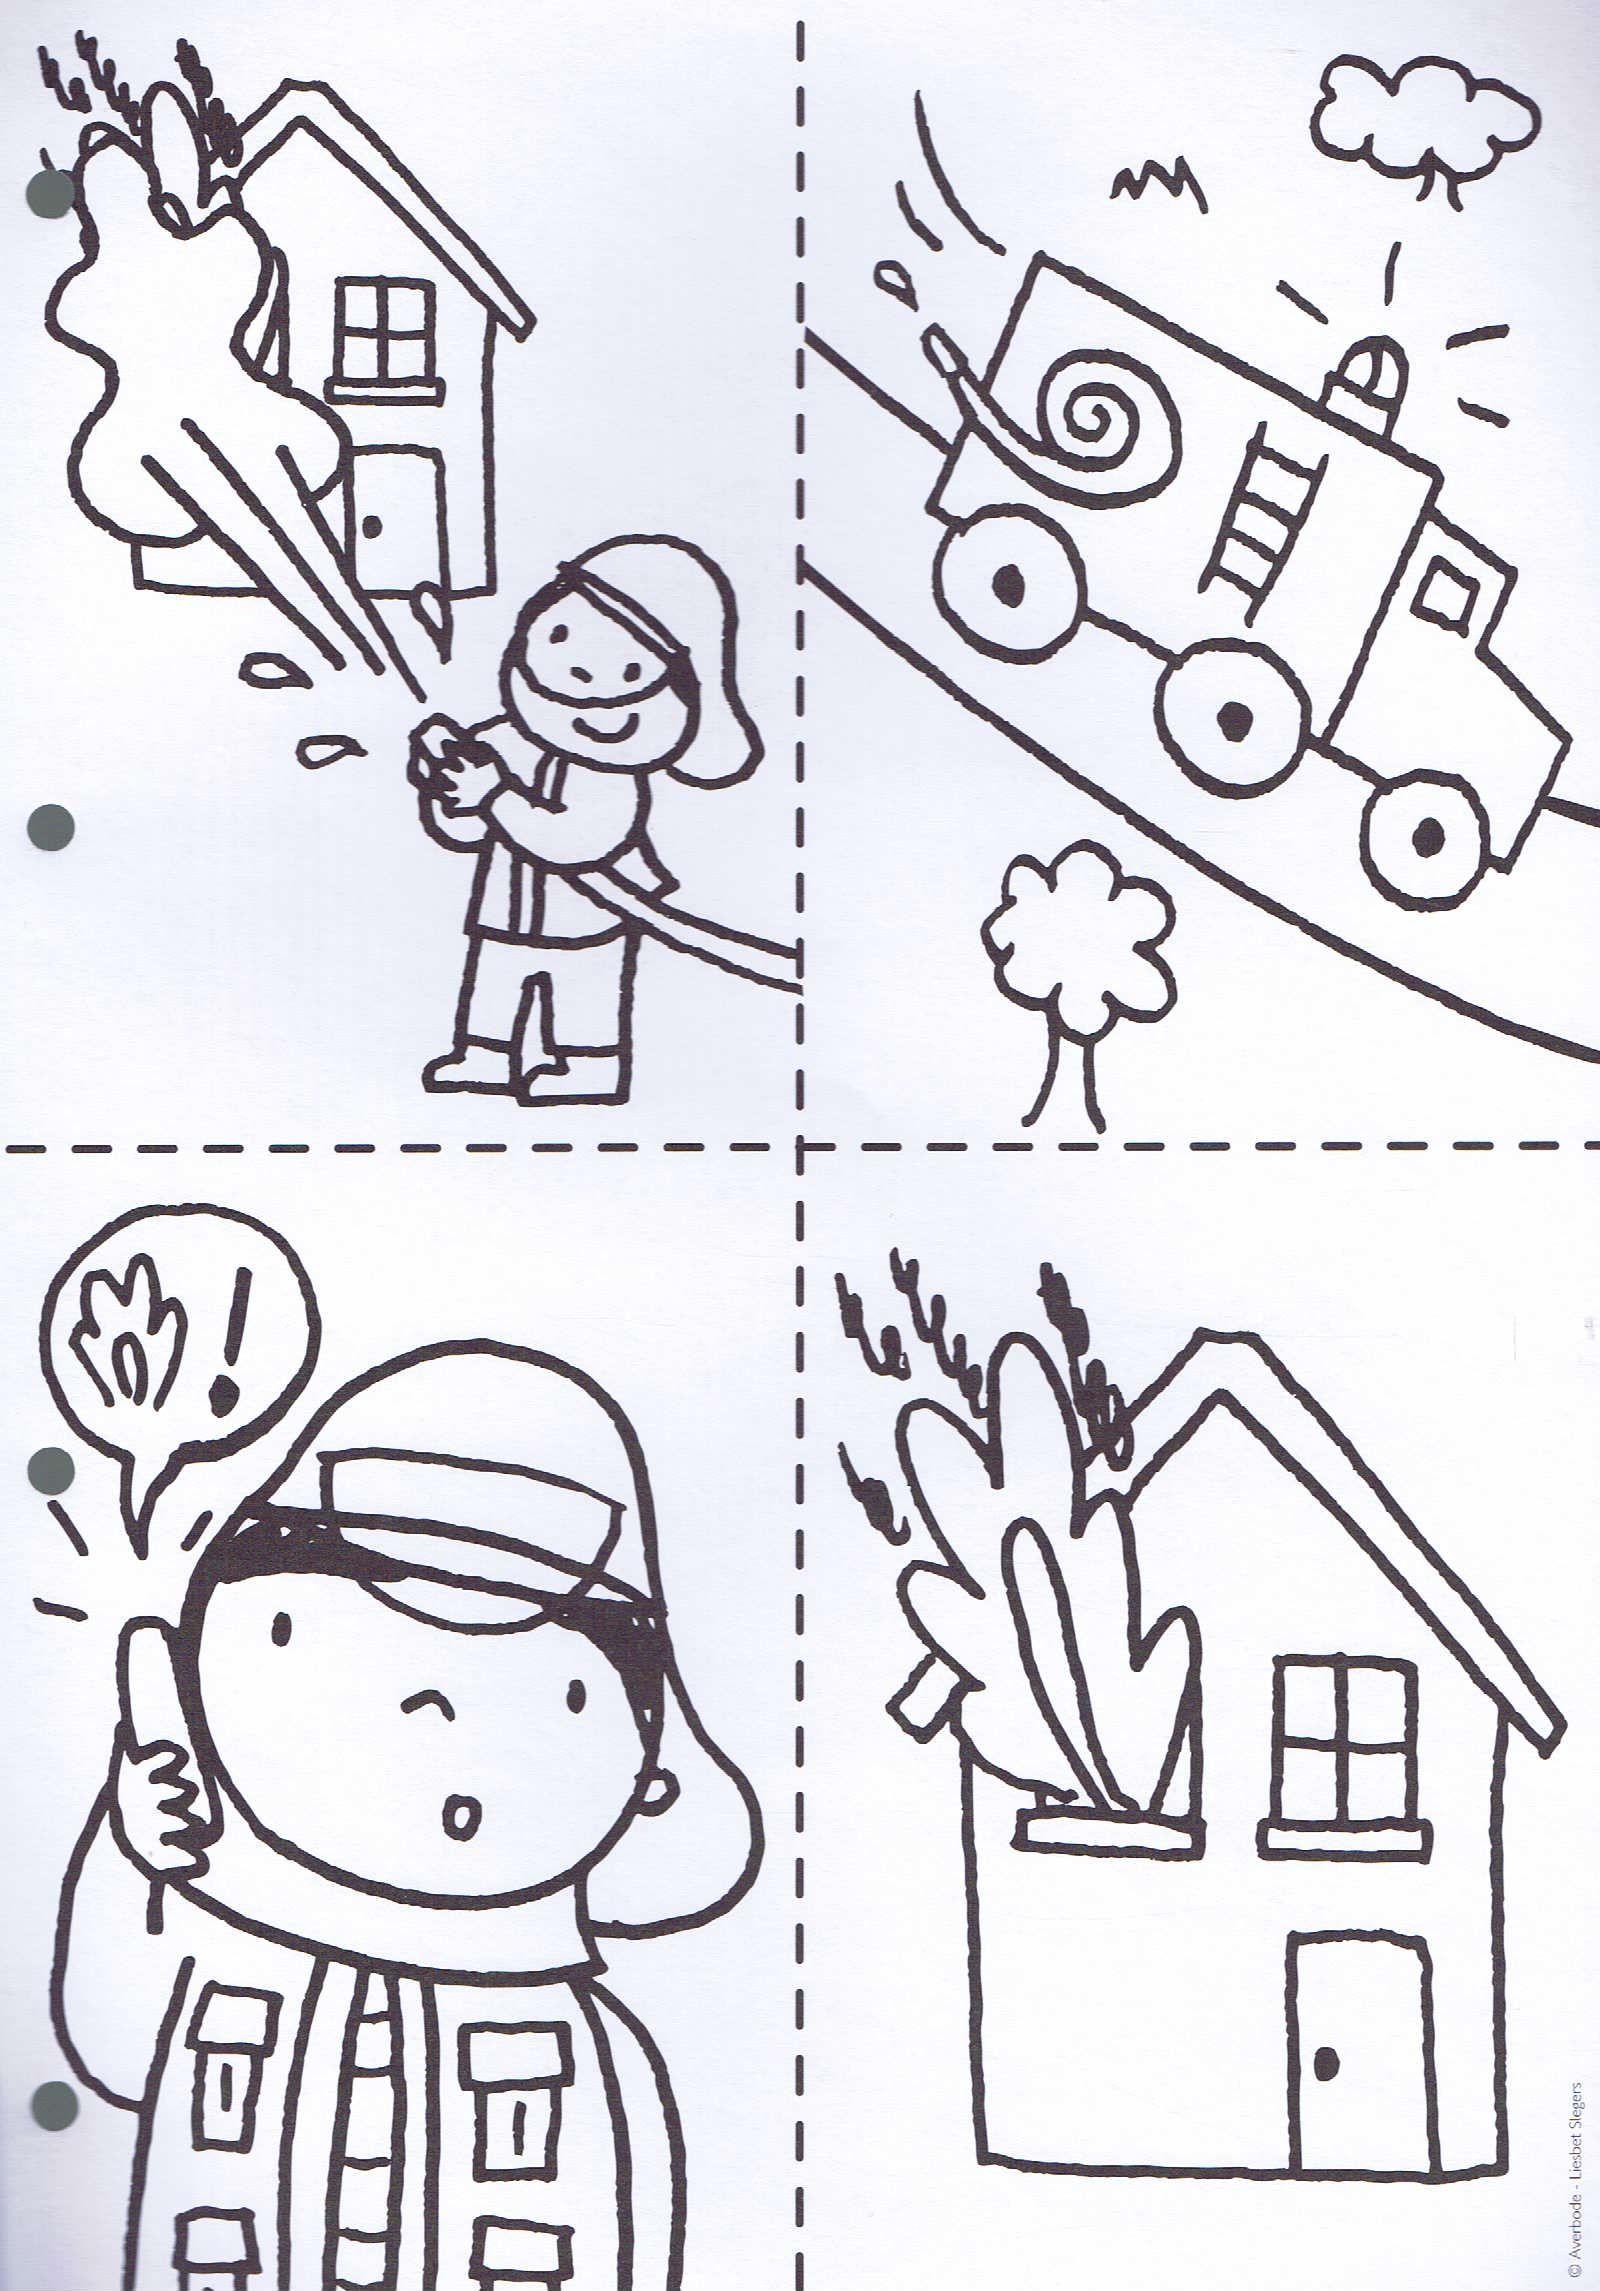 Feuerwehr Ausmalbilder Kindergarten : Pin Von 1 1 Auf Education Pinterest Feuerwehr